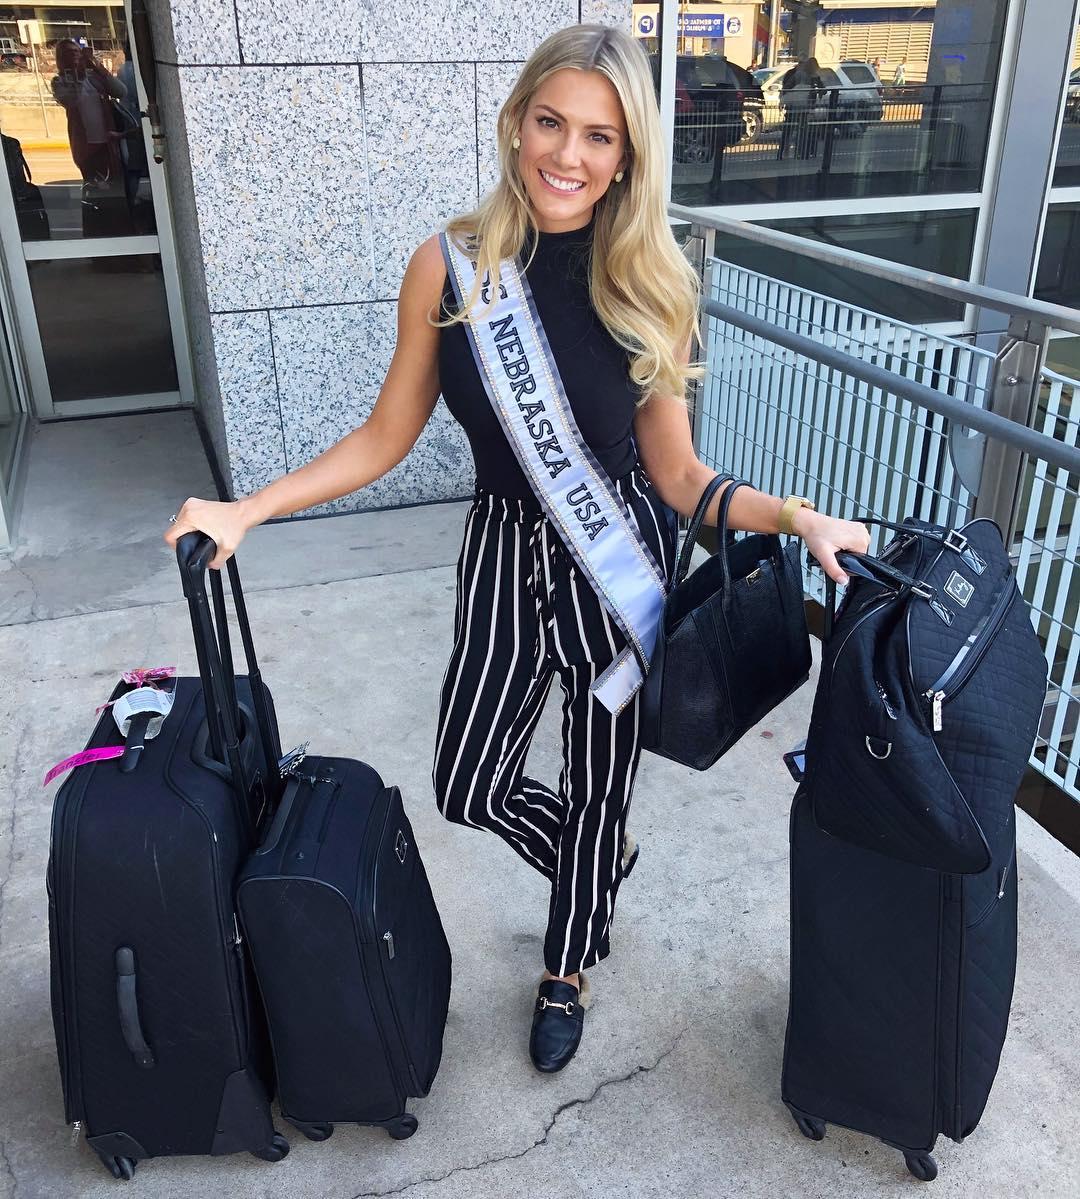 Miss USA 2018 - Sarah Rose Summers